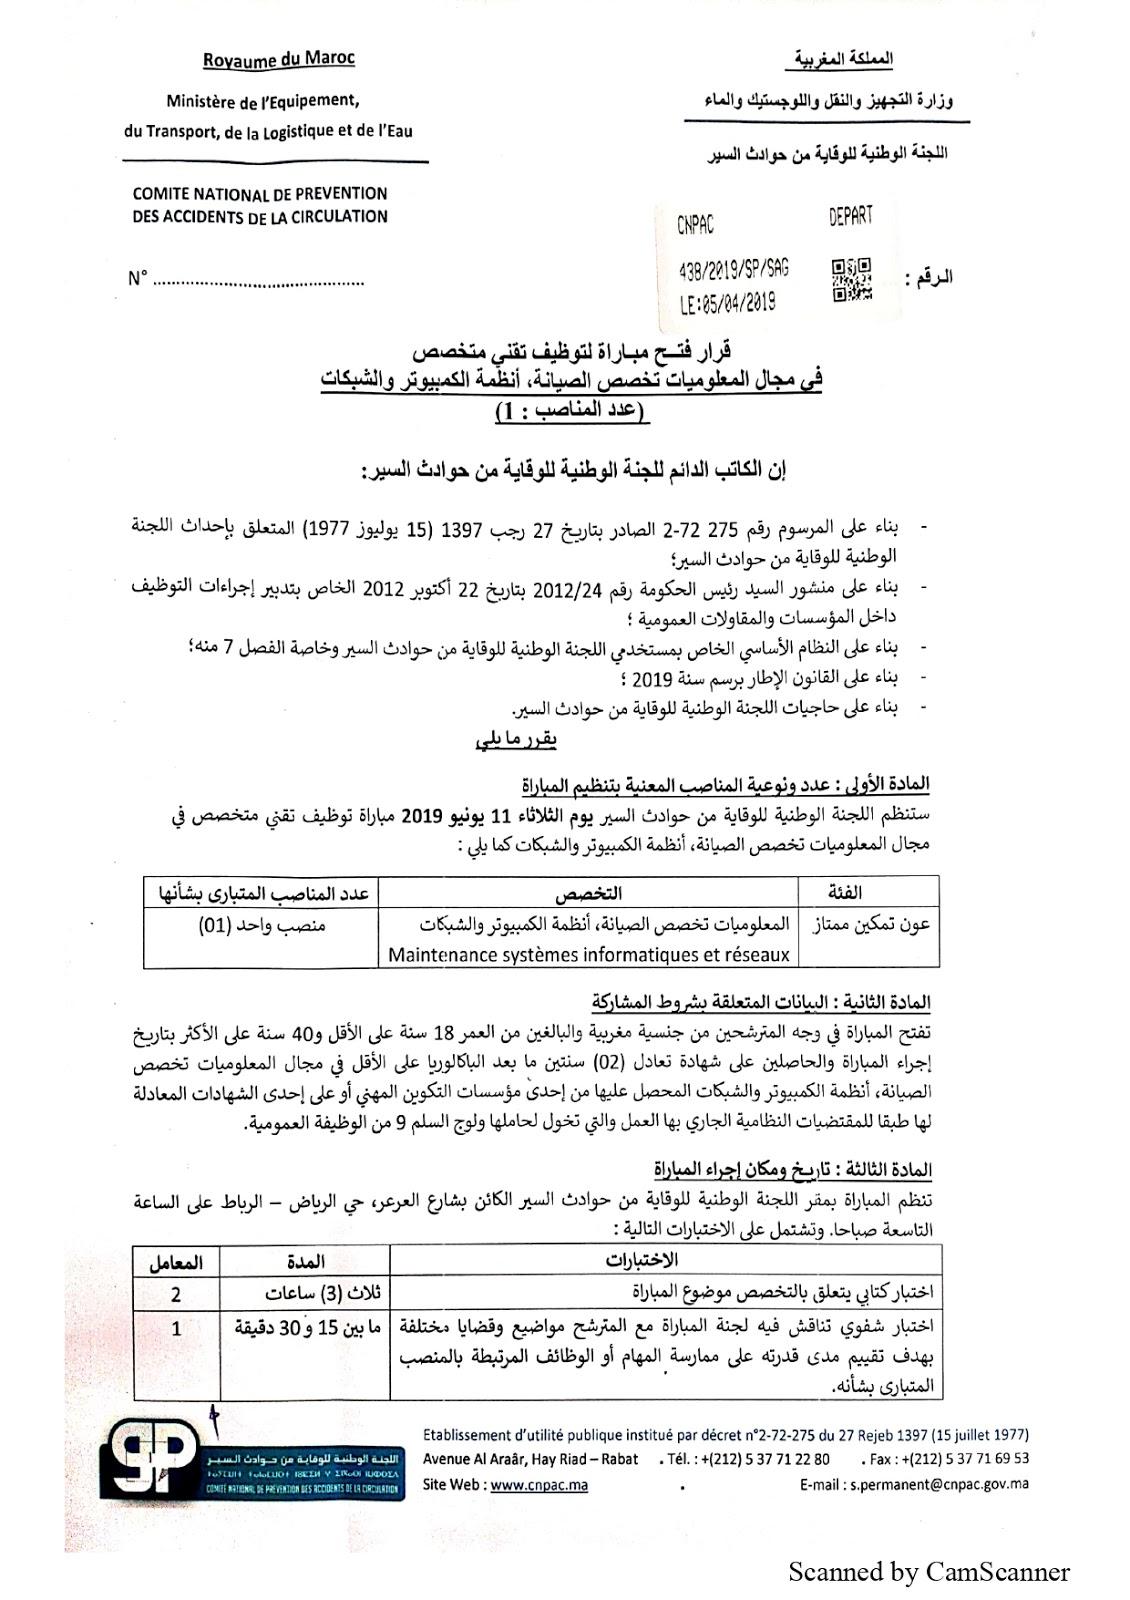 اللجنة الوطنية للوقاية من حوادث السير مباراة لتوظيف تقني من الدرجة الثالثة آخر أجل 15 ماي 2019